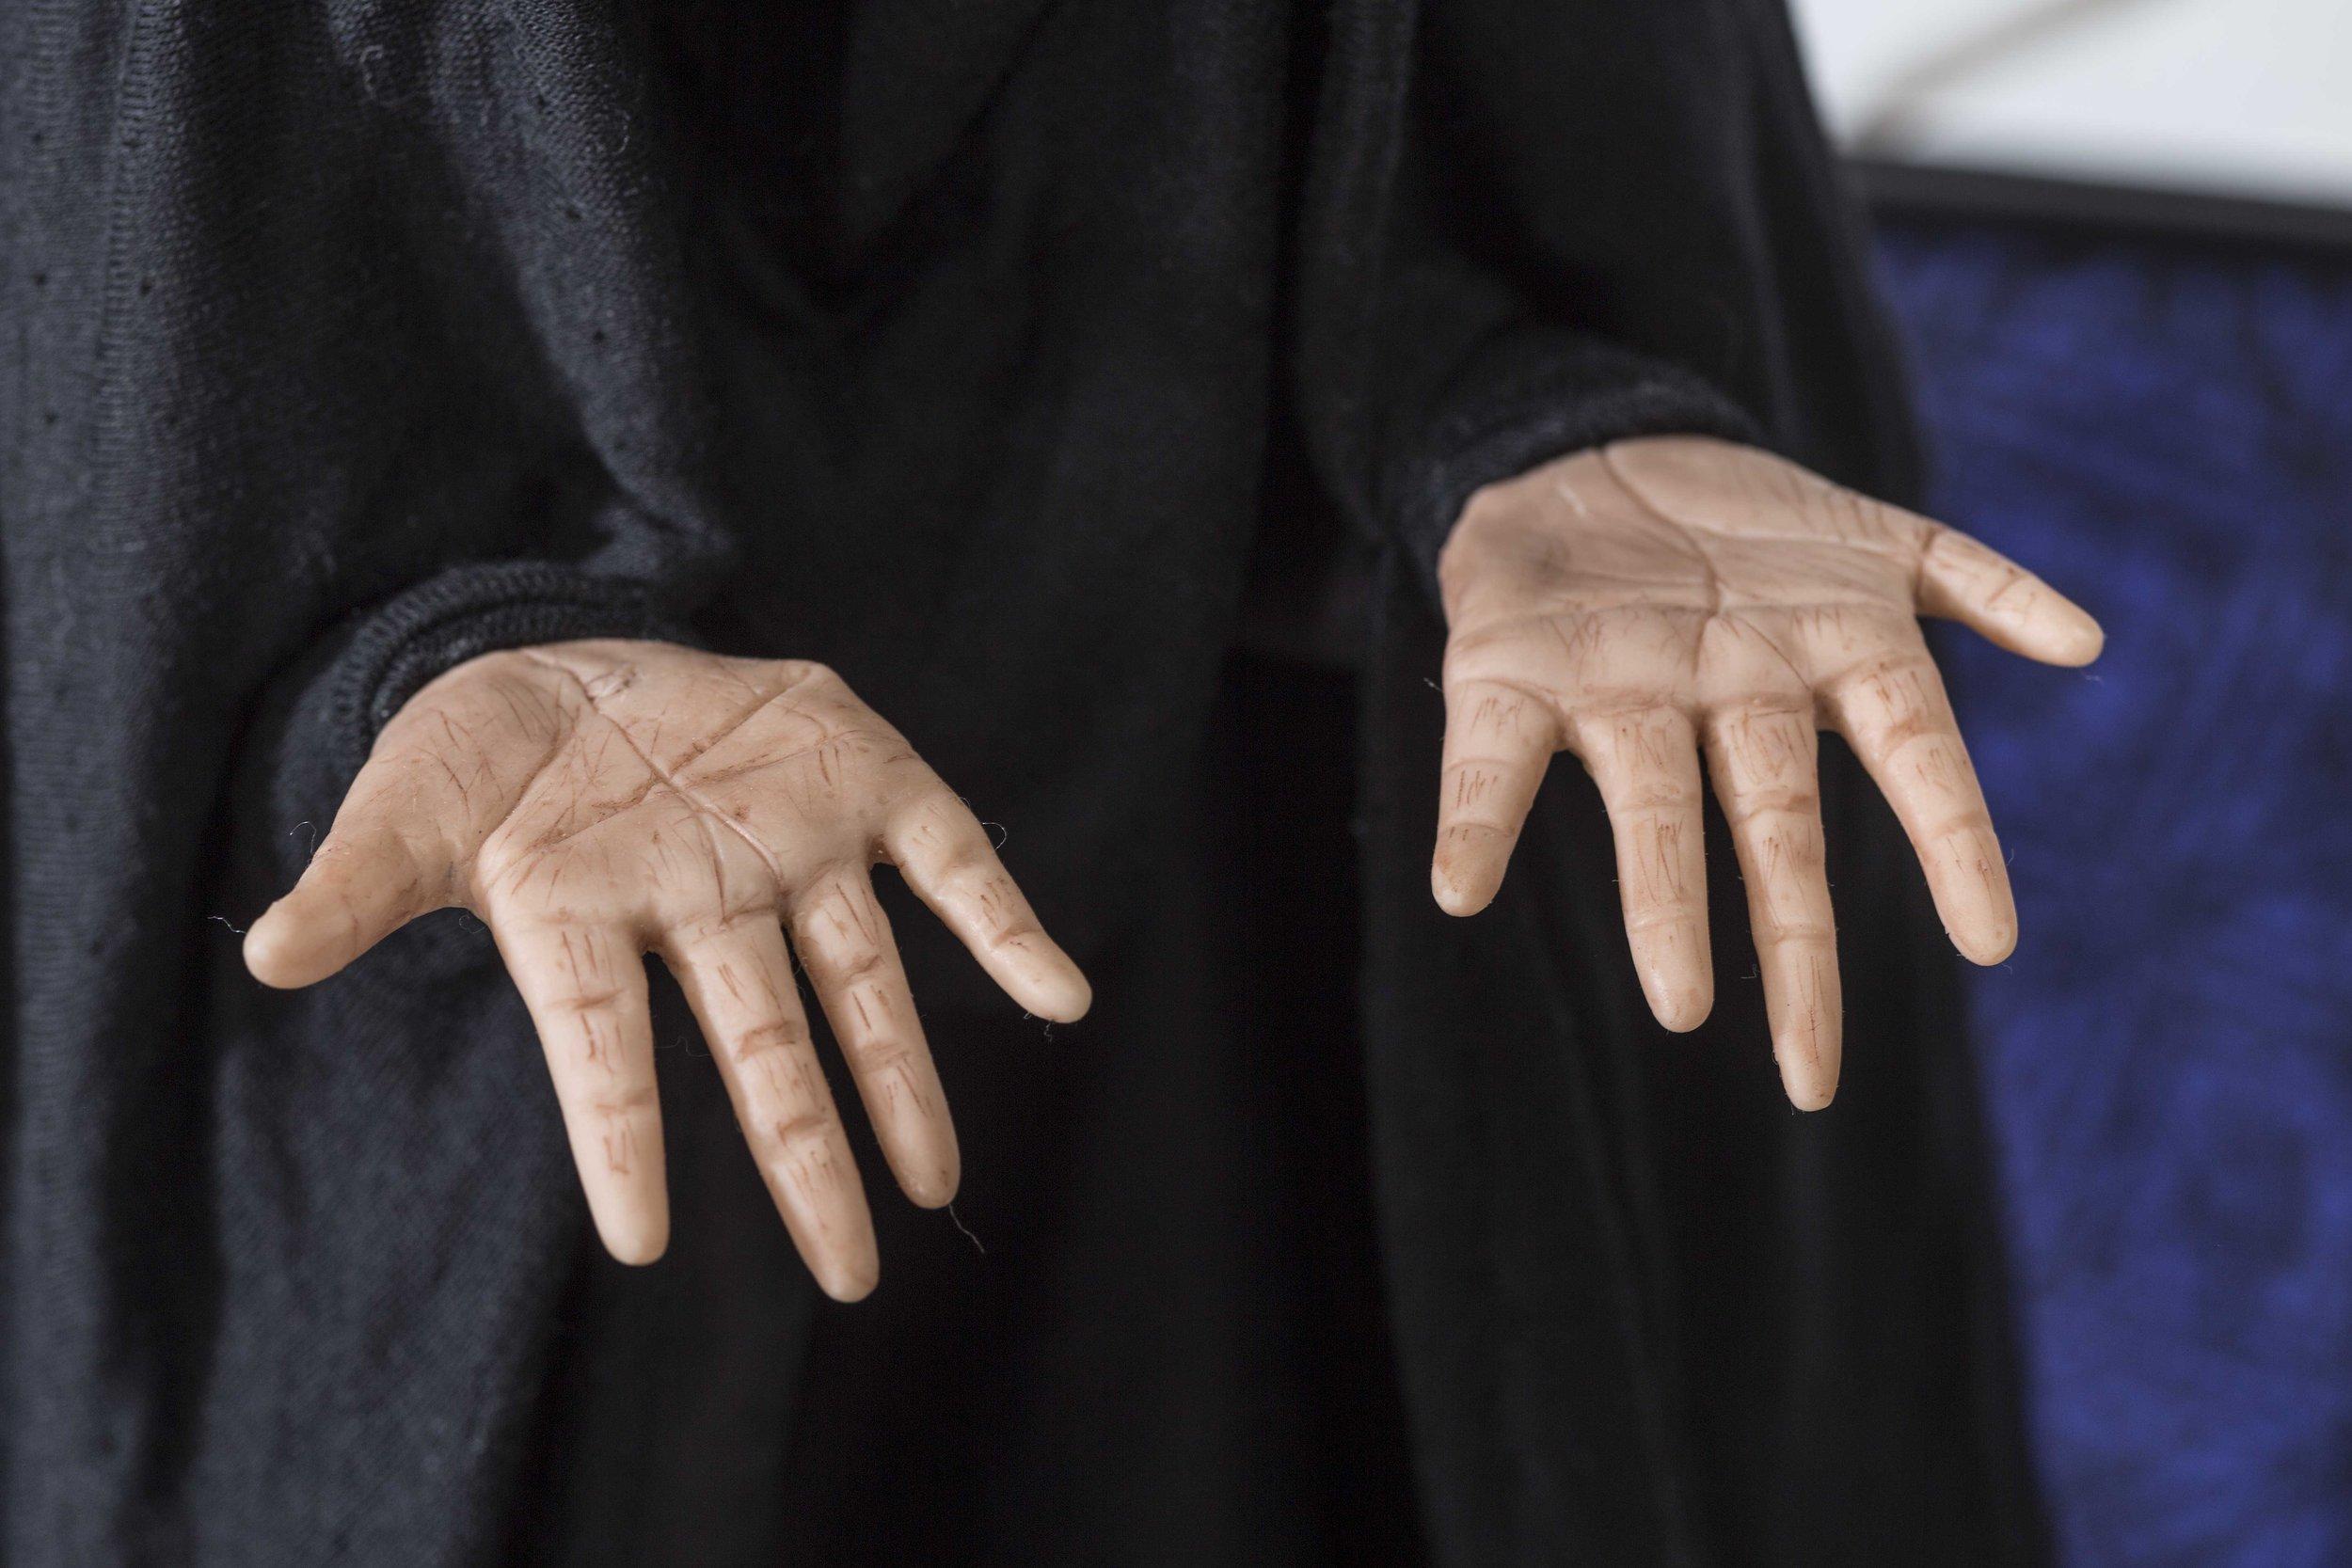 Great Grandmother's hands